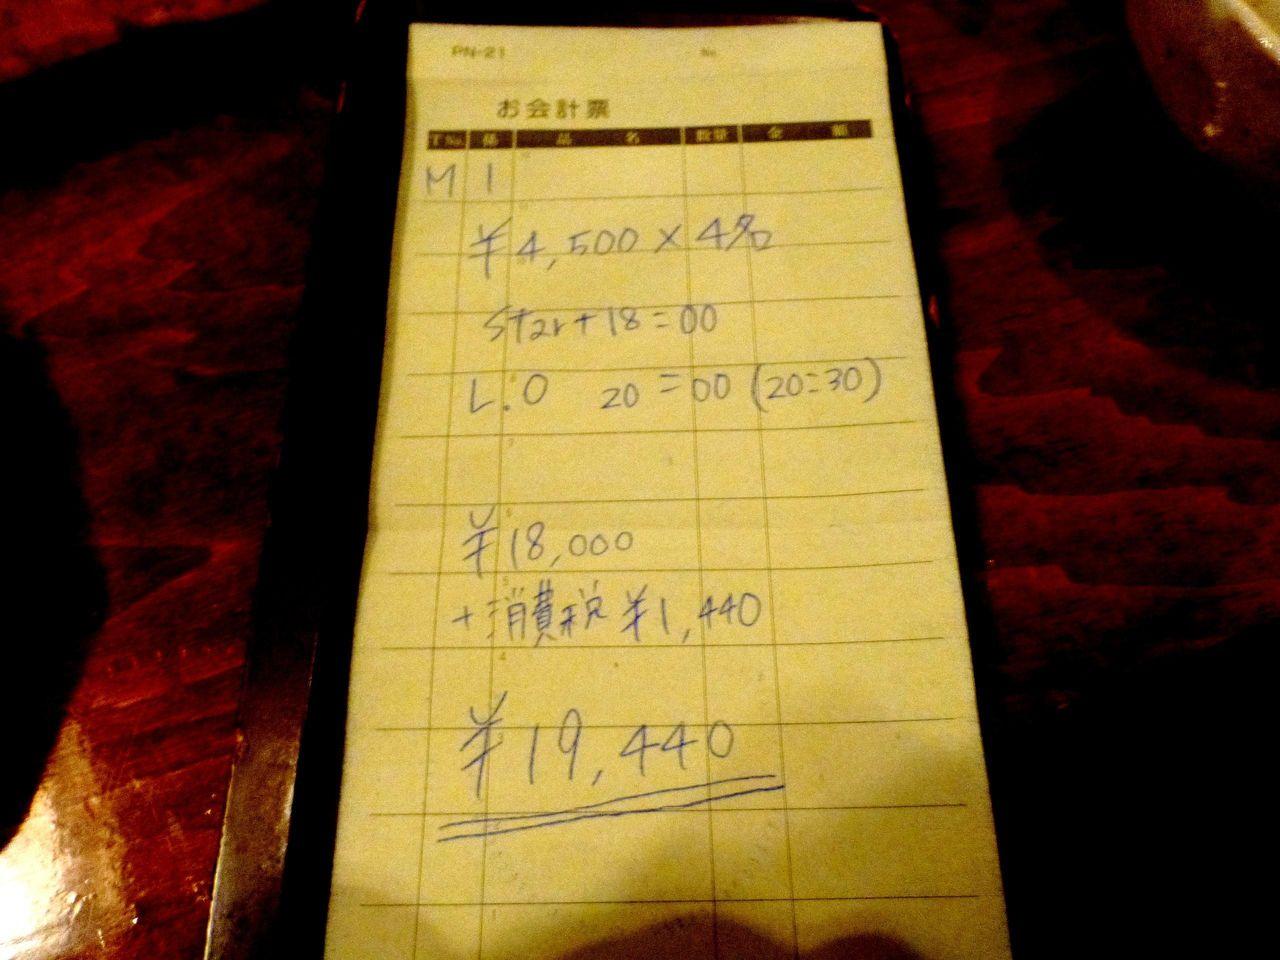 1人4,500円+消費税360円=4,860円